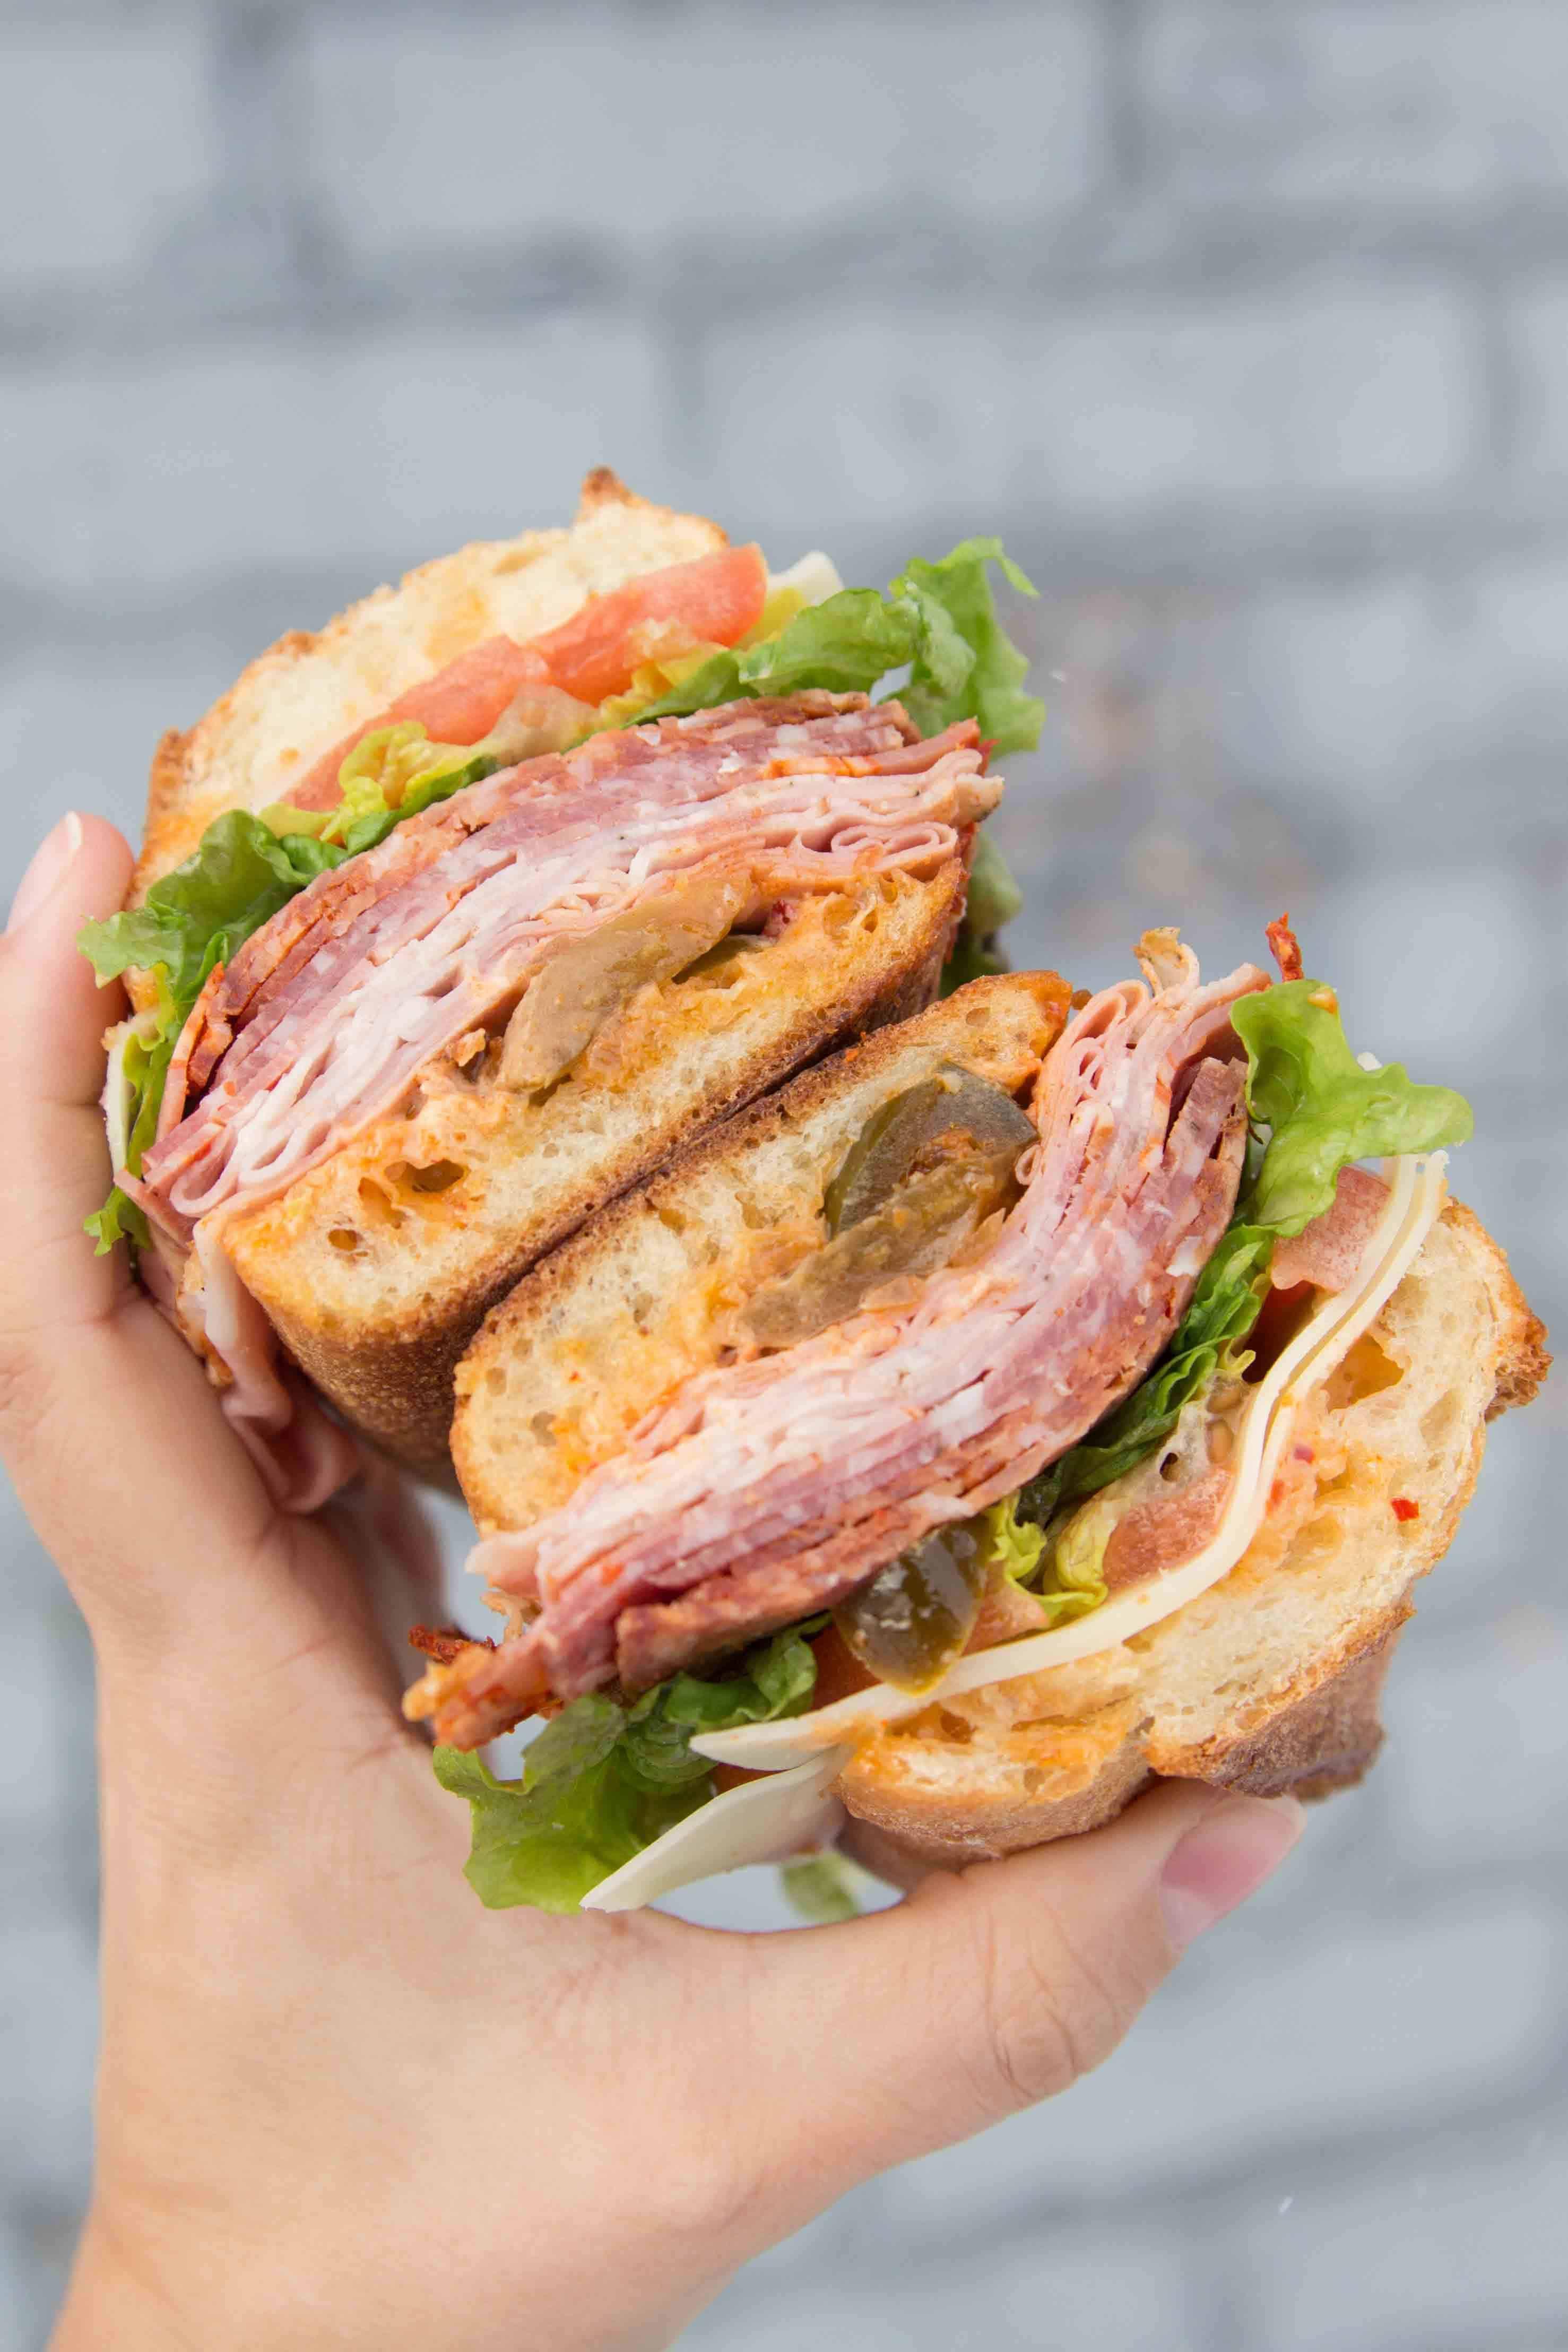 sandwich from Tempesta Market